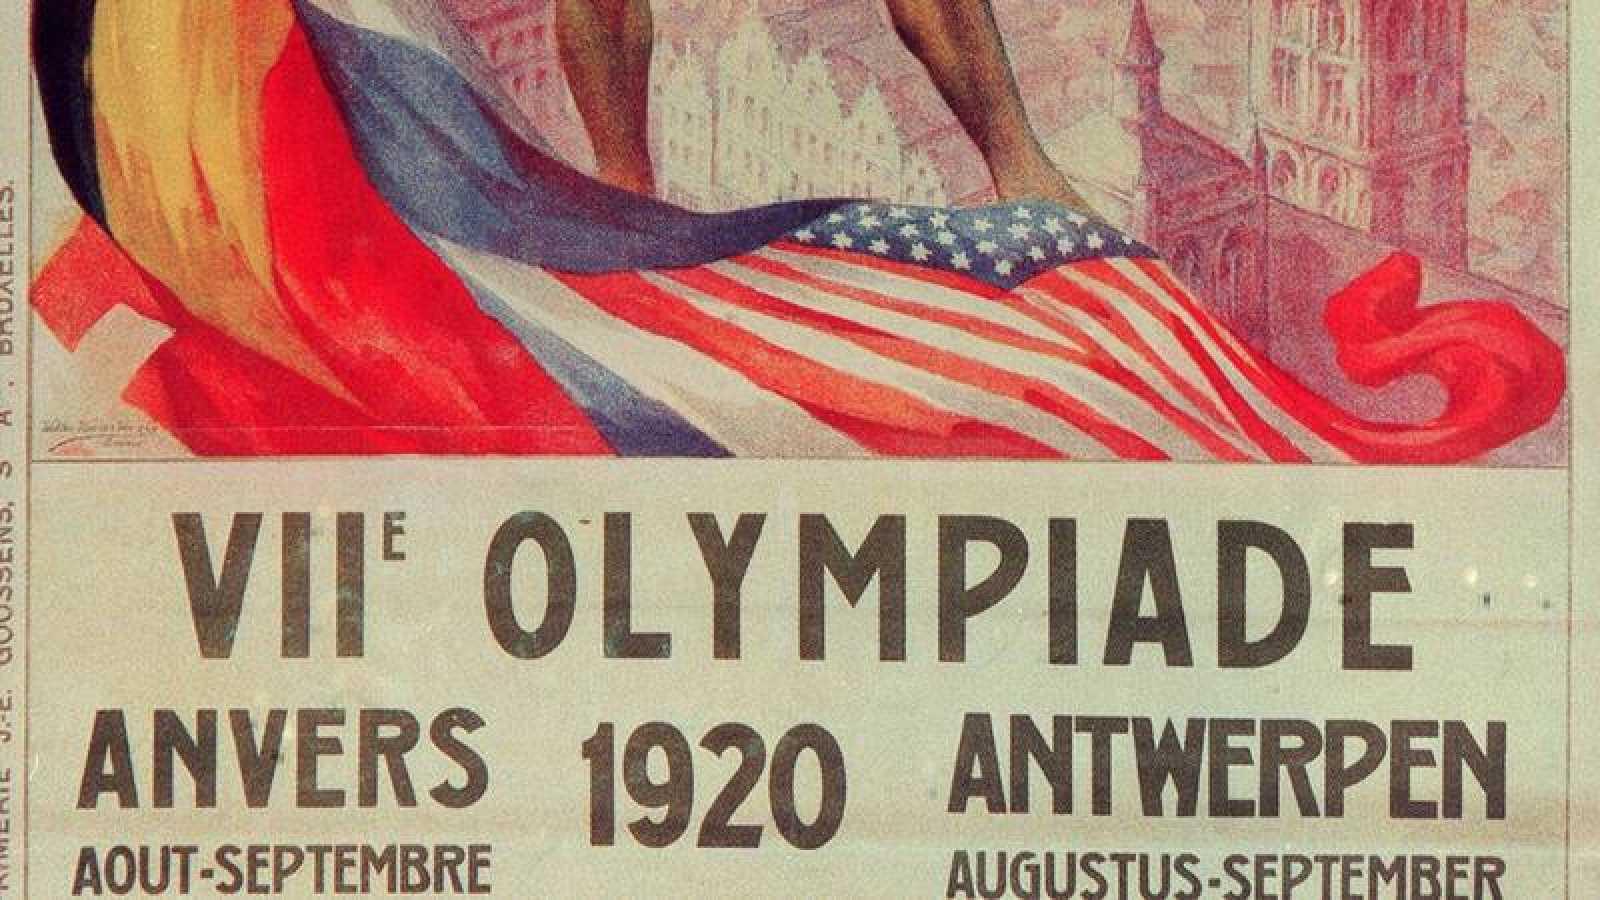 Extracto del cartel oficial de los Juegos Olímpicos de Amberes en 1920.